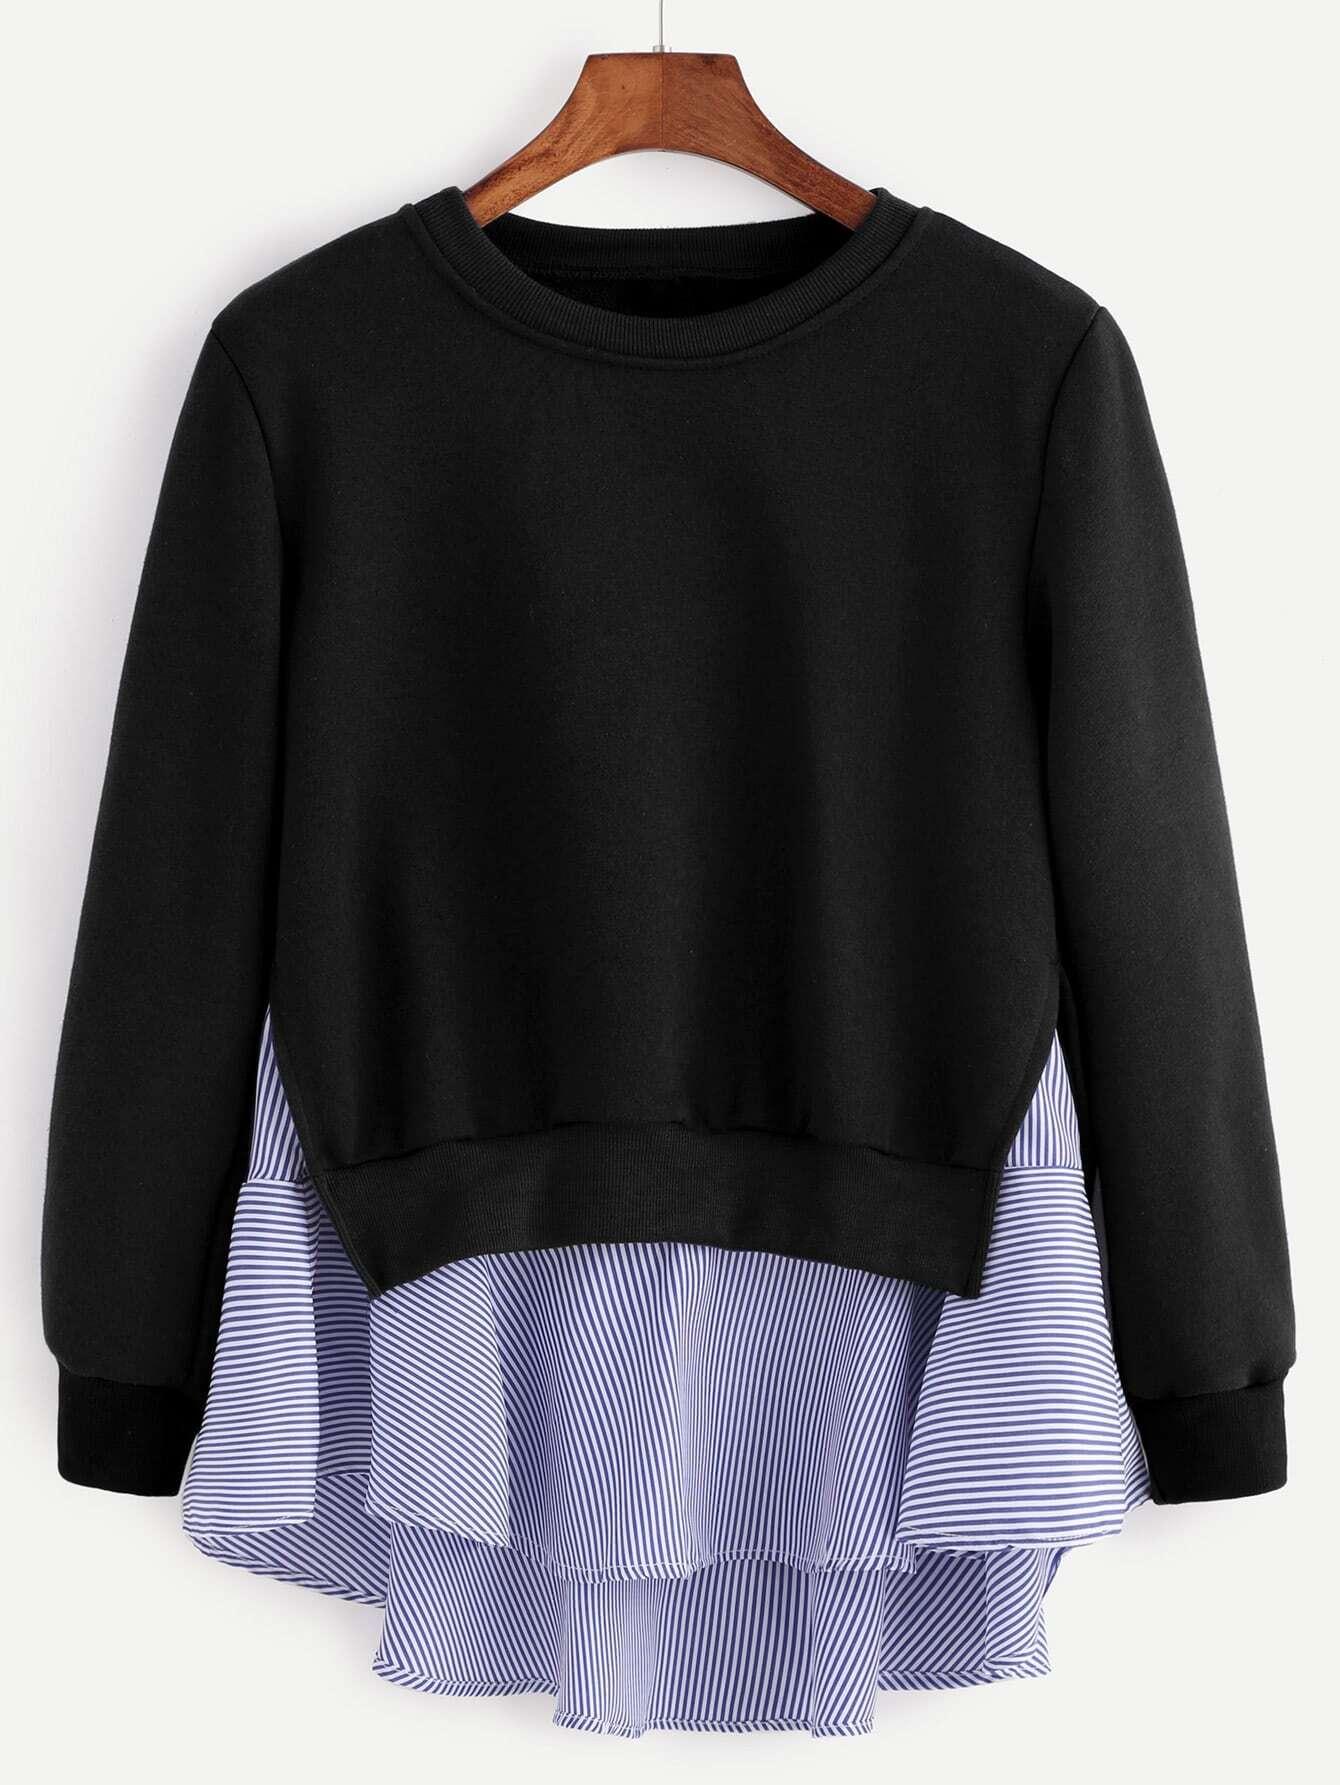 sweatshirt161024101_2